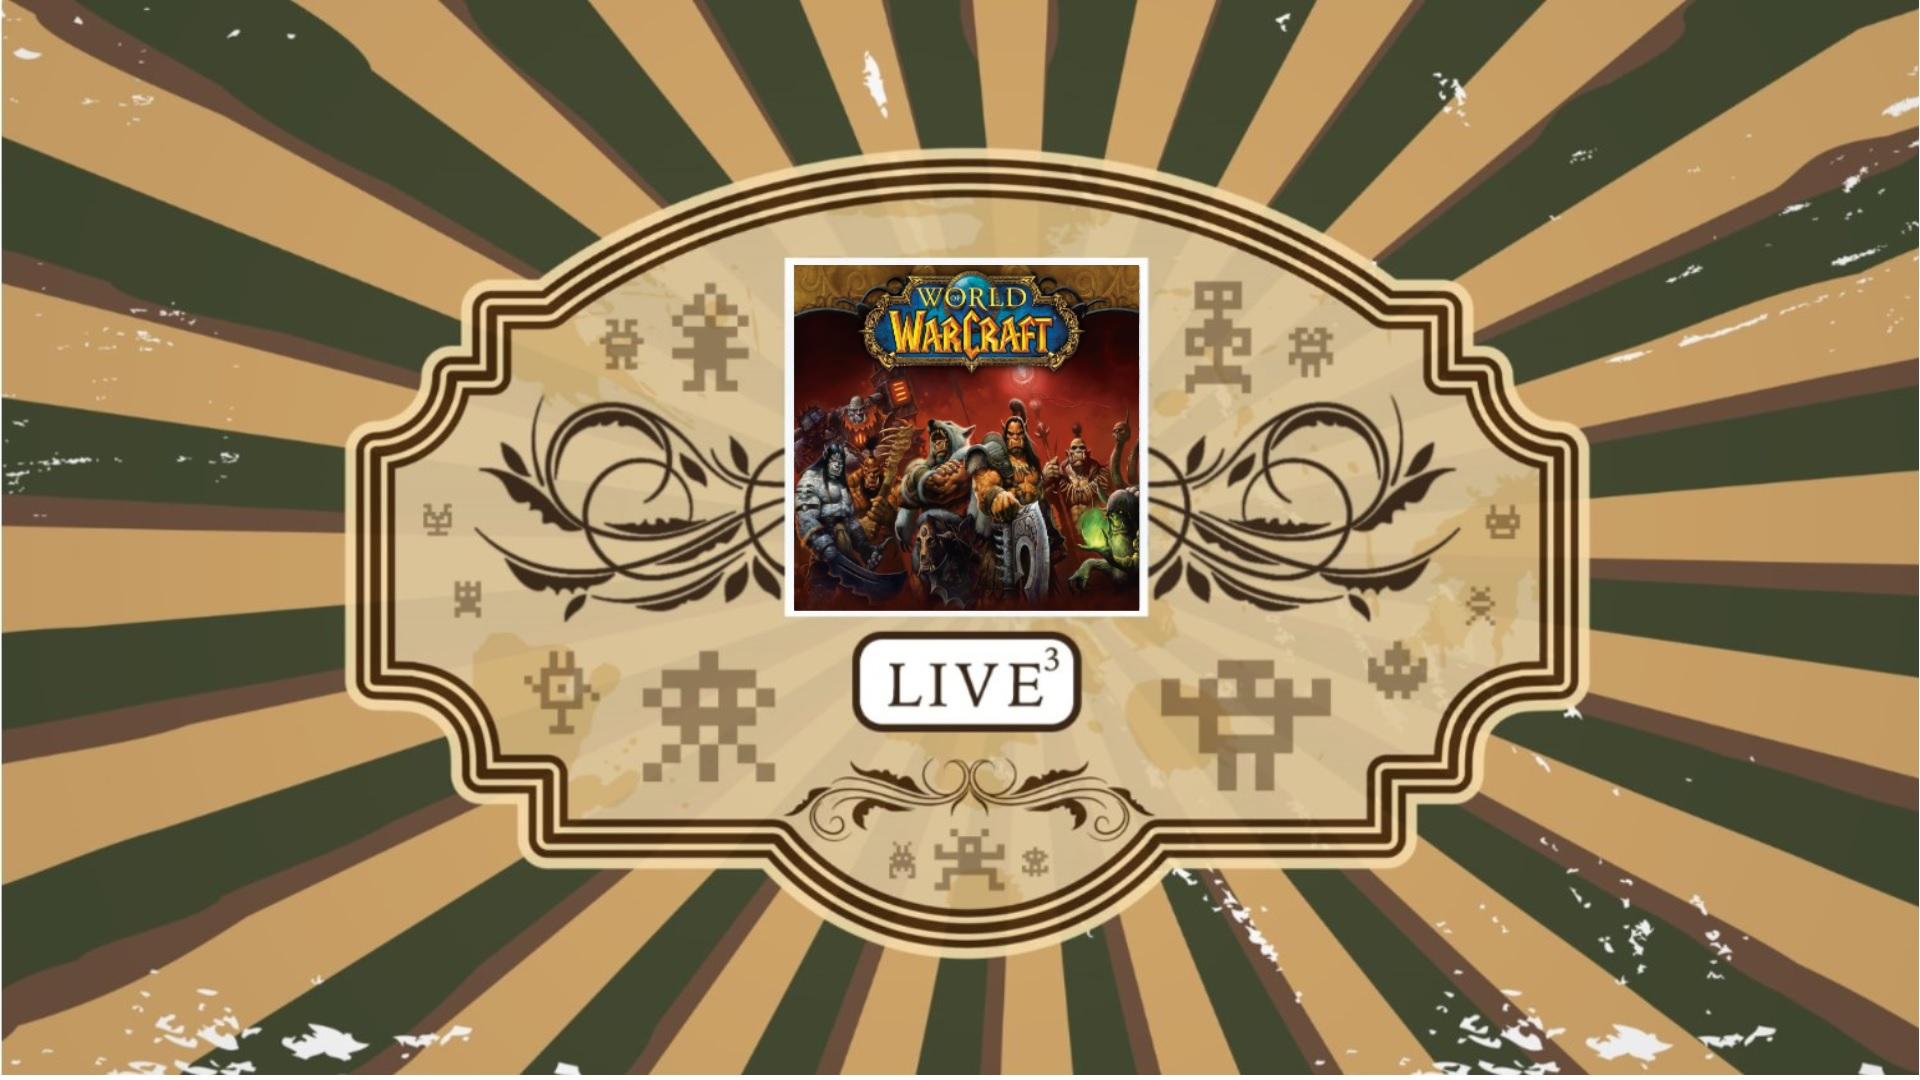 Linkki tapahtumaan Etätapahtuma: Pelin paikka LIVE, Kausi 3, Osa 9: World of Warcraft